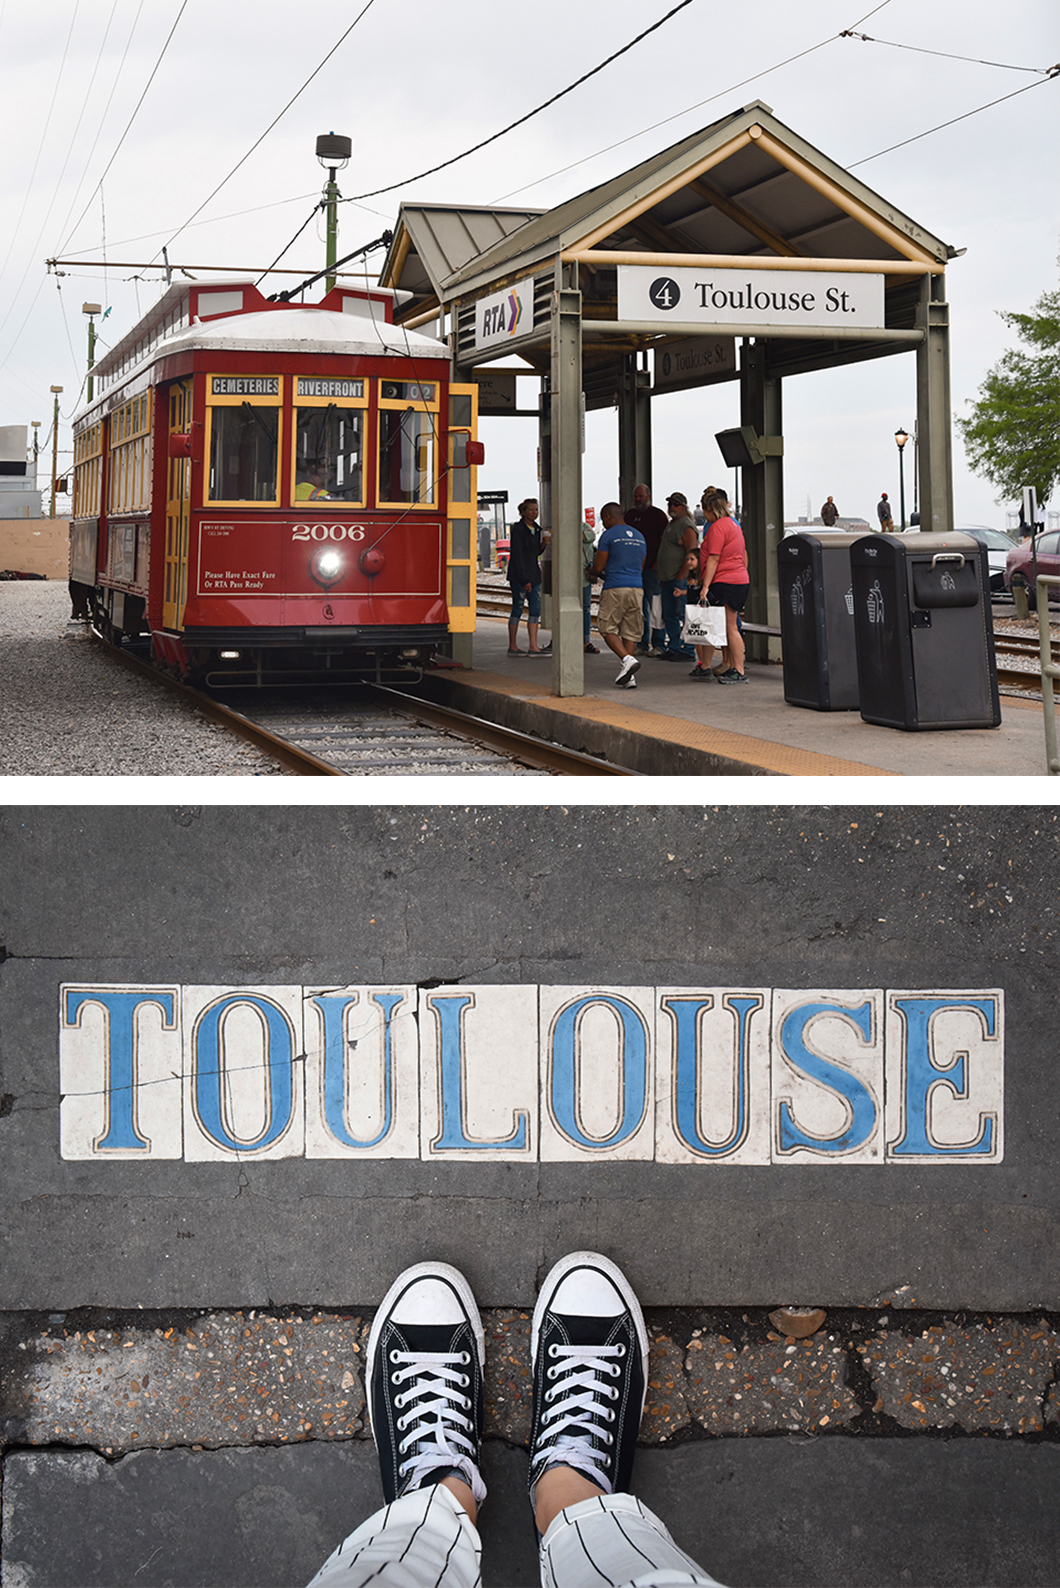 Toulouse street à la Nouvelle Orléans